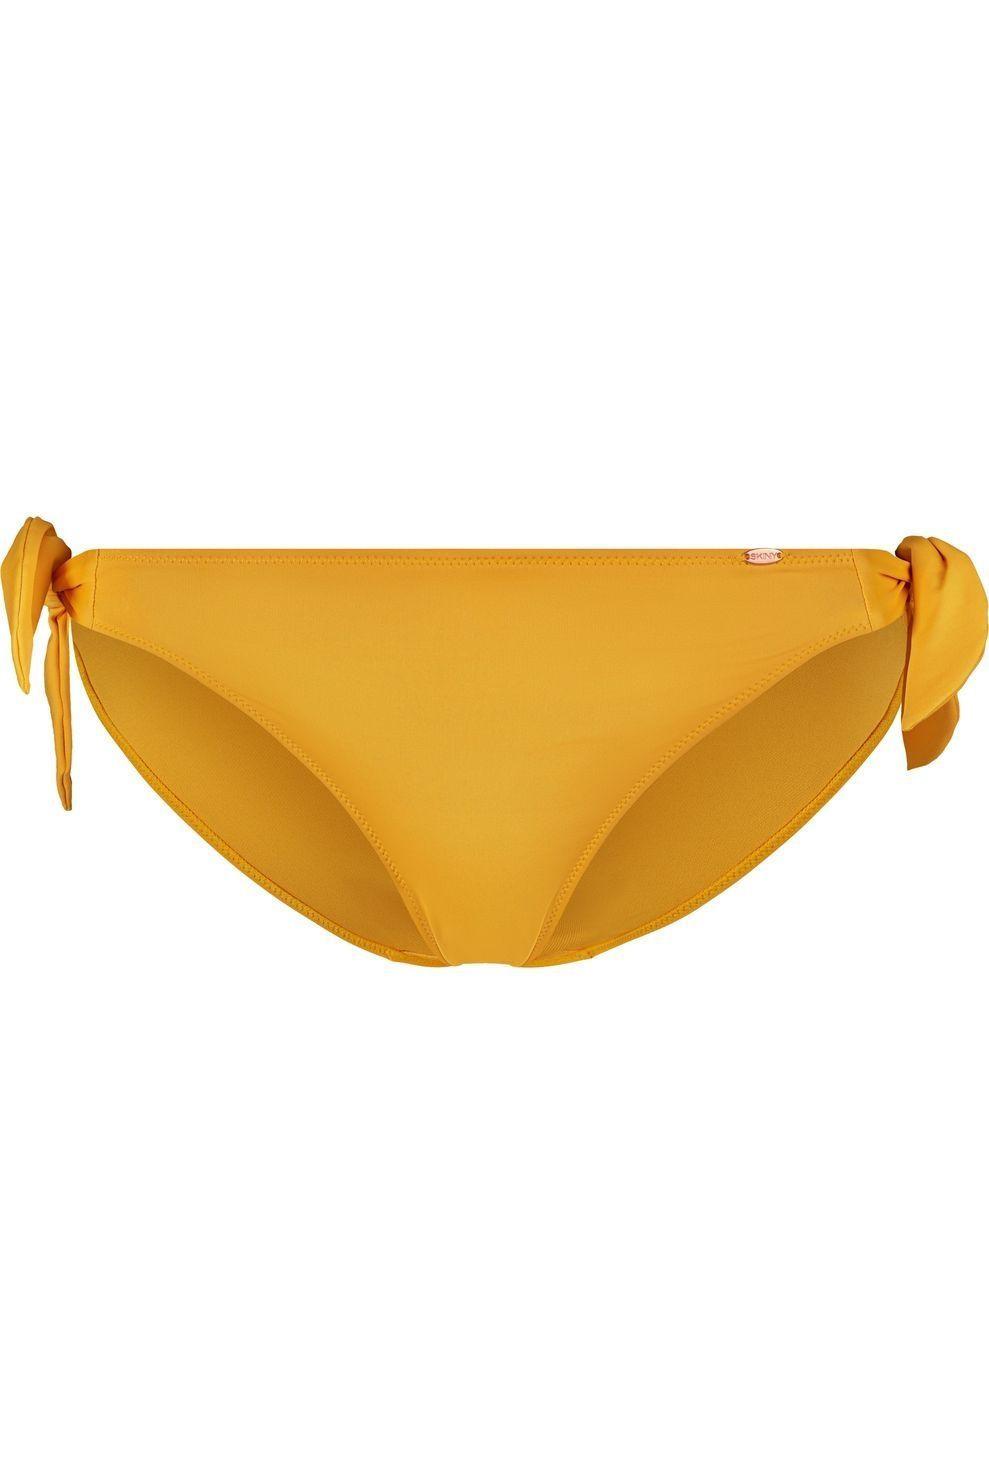 Skiny Slip Summer Breeze Rio Slip voor dames - Geel - Maten: 36, 38, 40, 42